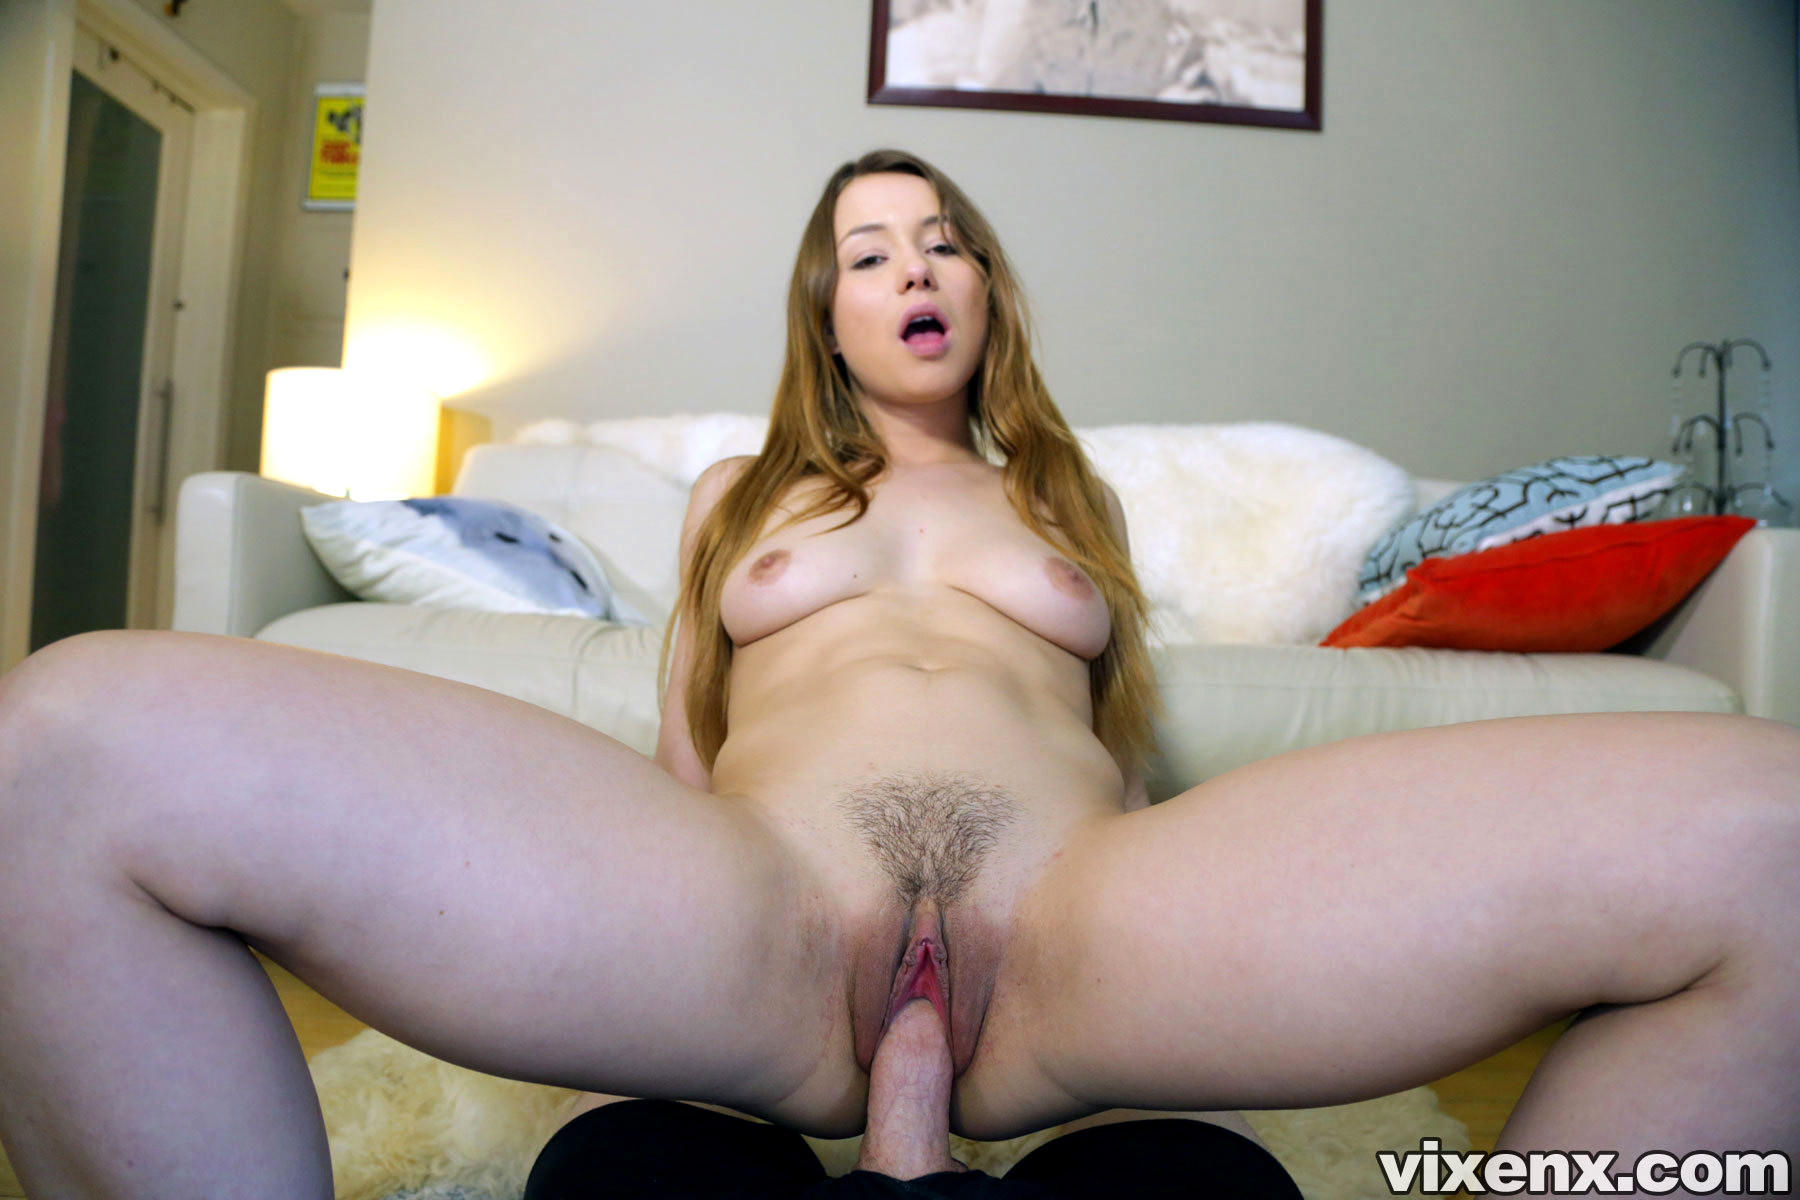 sexotube sexo tube